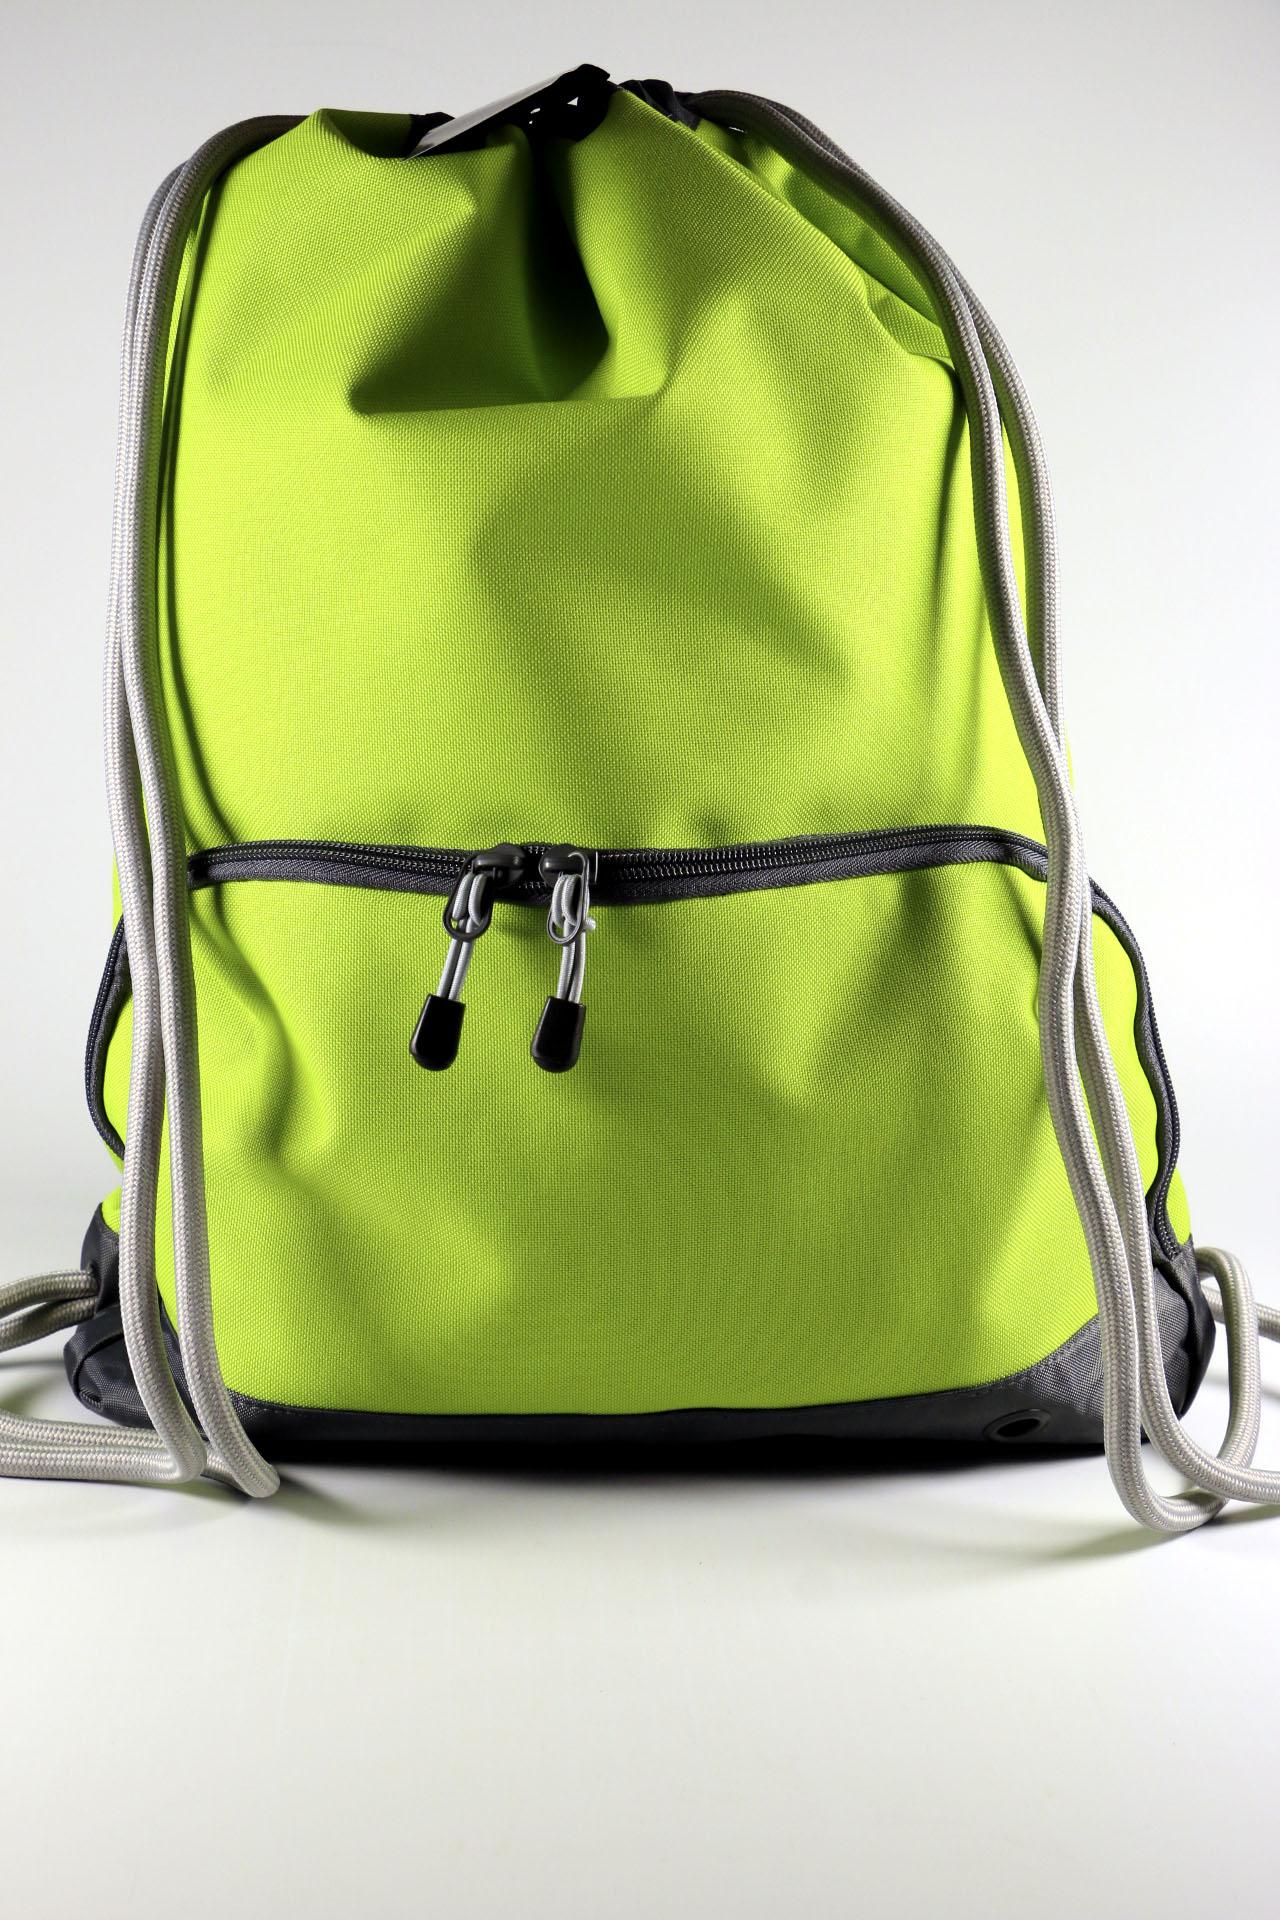 Rucksäcke und Sportsbags